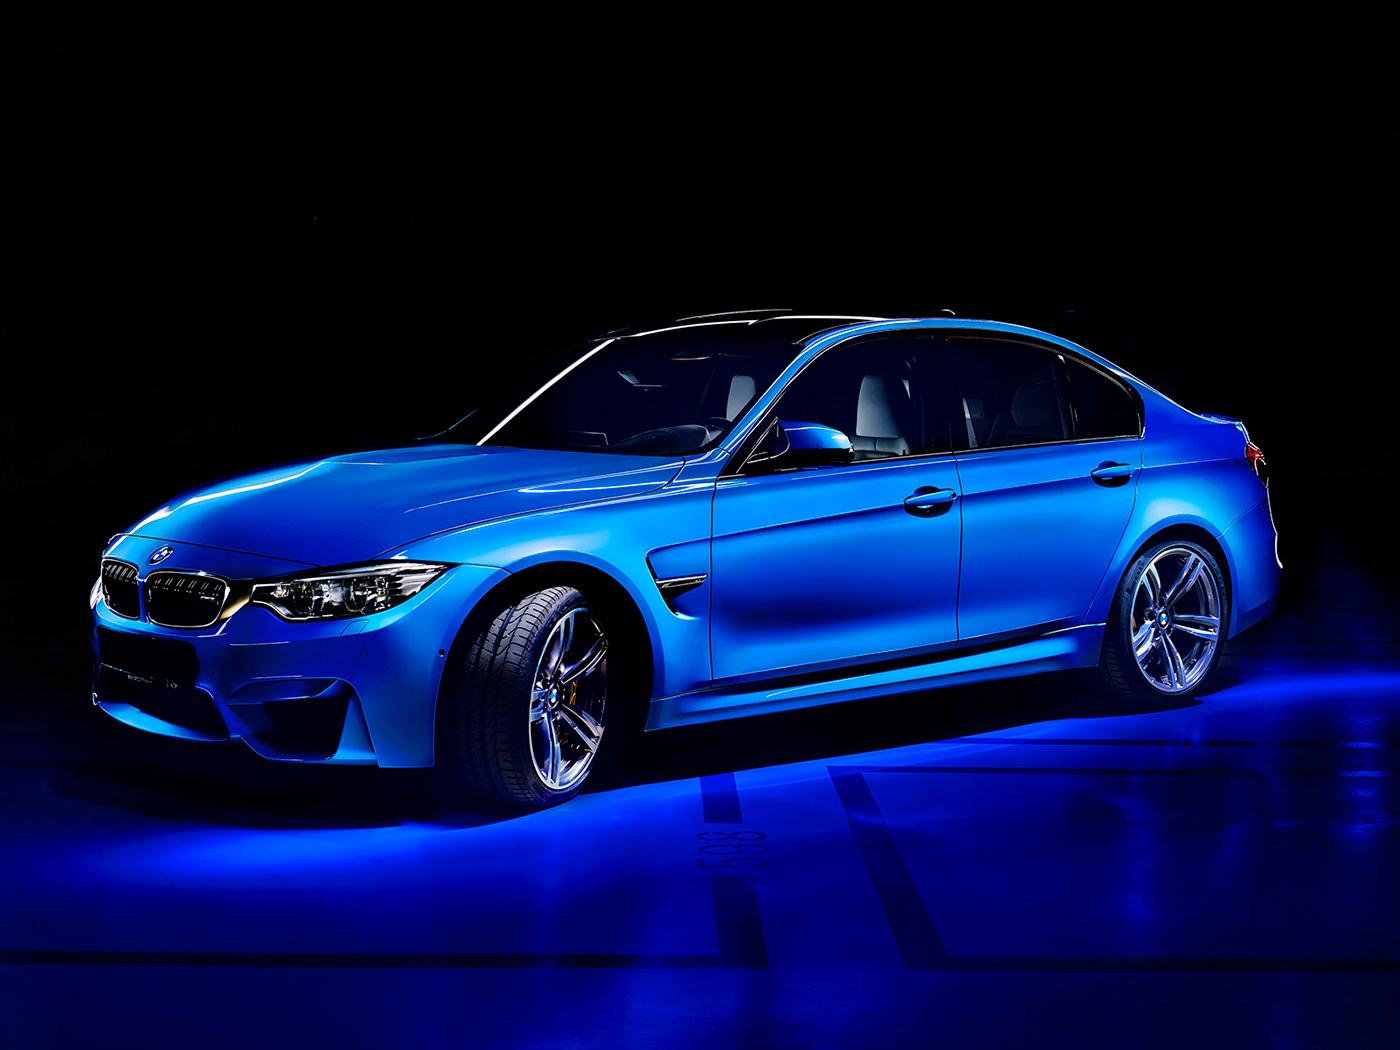 dmitry zhuravlev Photography  automotive   BMW M3 m4